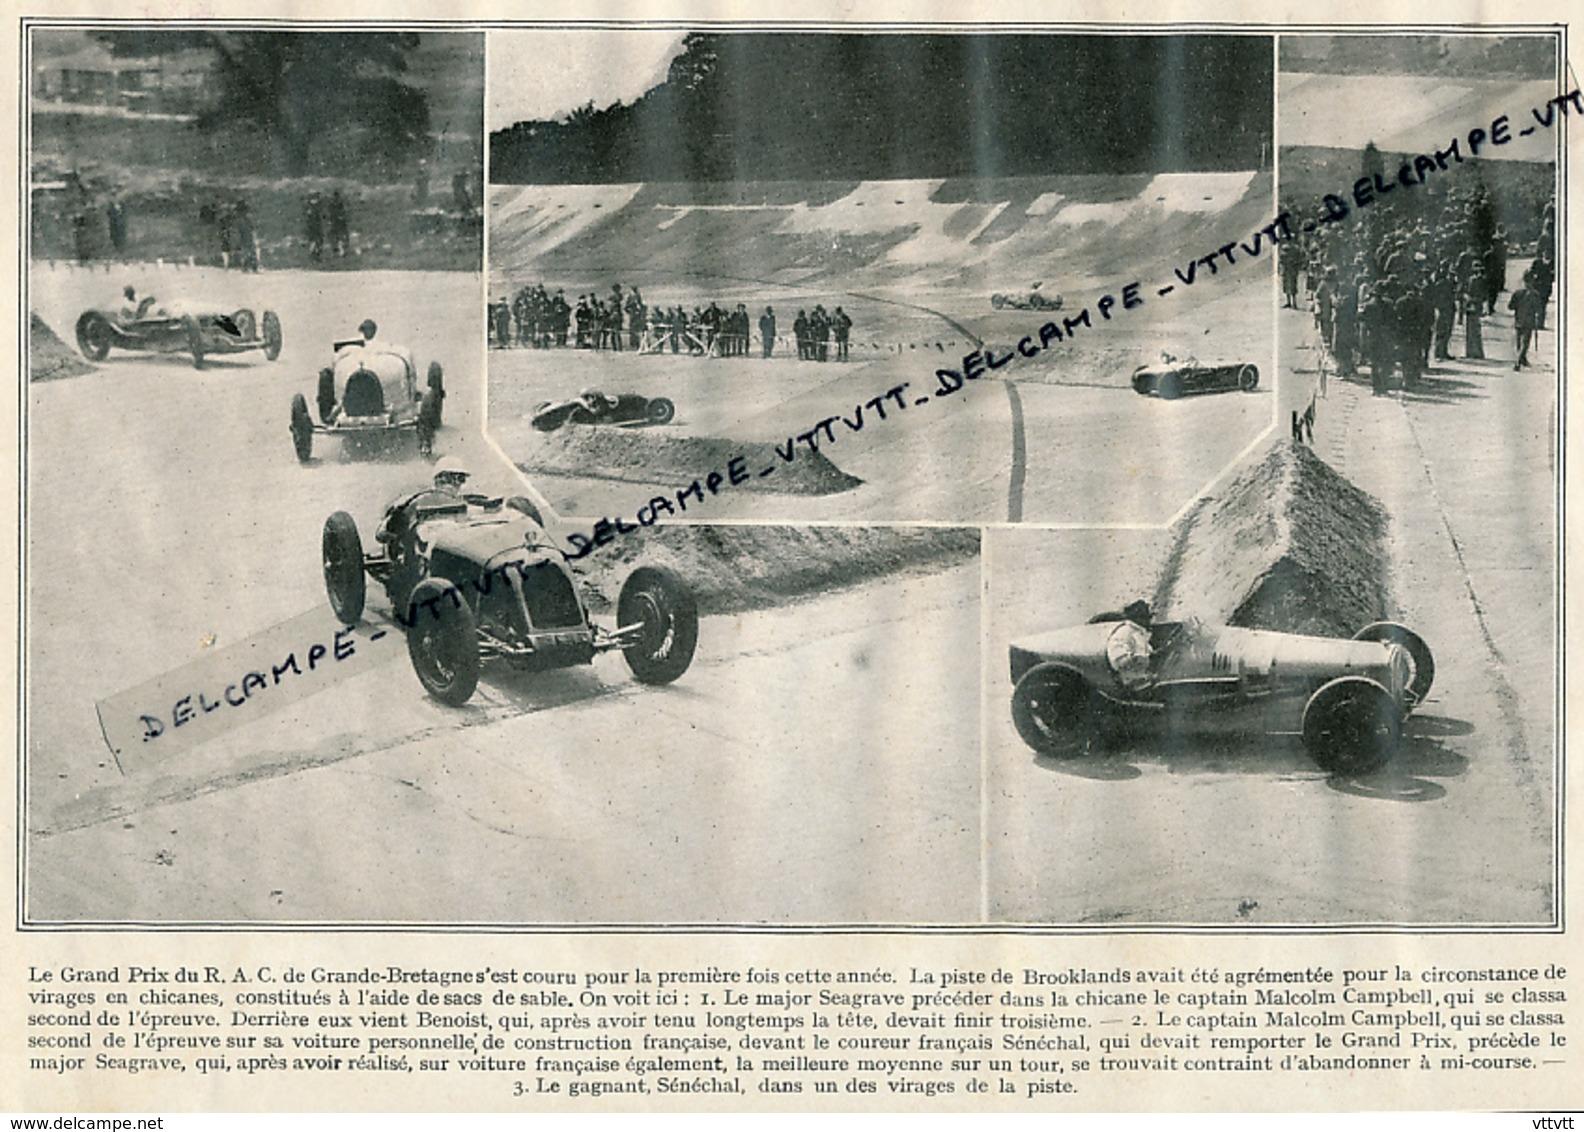 1926 : BROOKLANDS, Grand Prix Du R.A.C. De Grande-Bretagne, Sénéchal Le Vainqueur, Malcom Campbell, Benoist, Seagrave - Collections